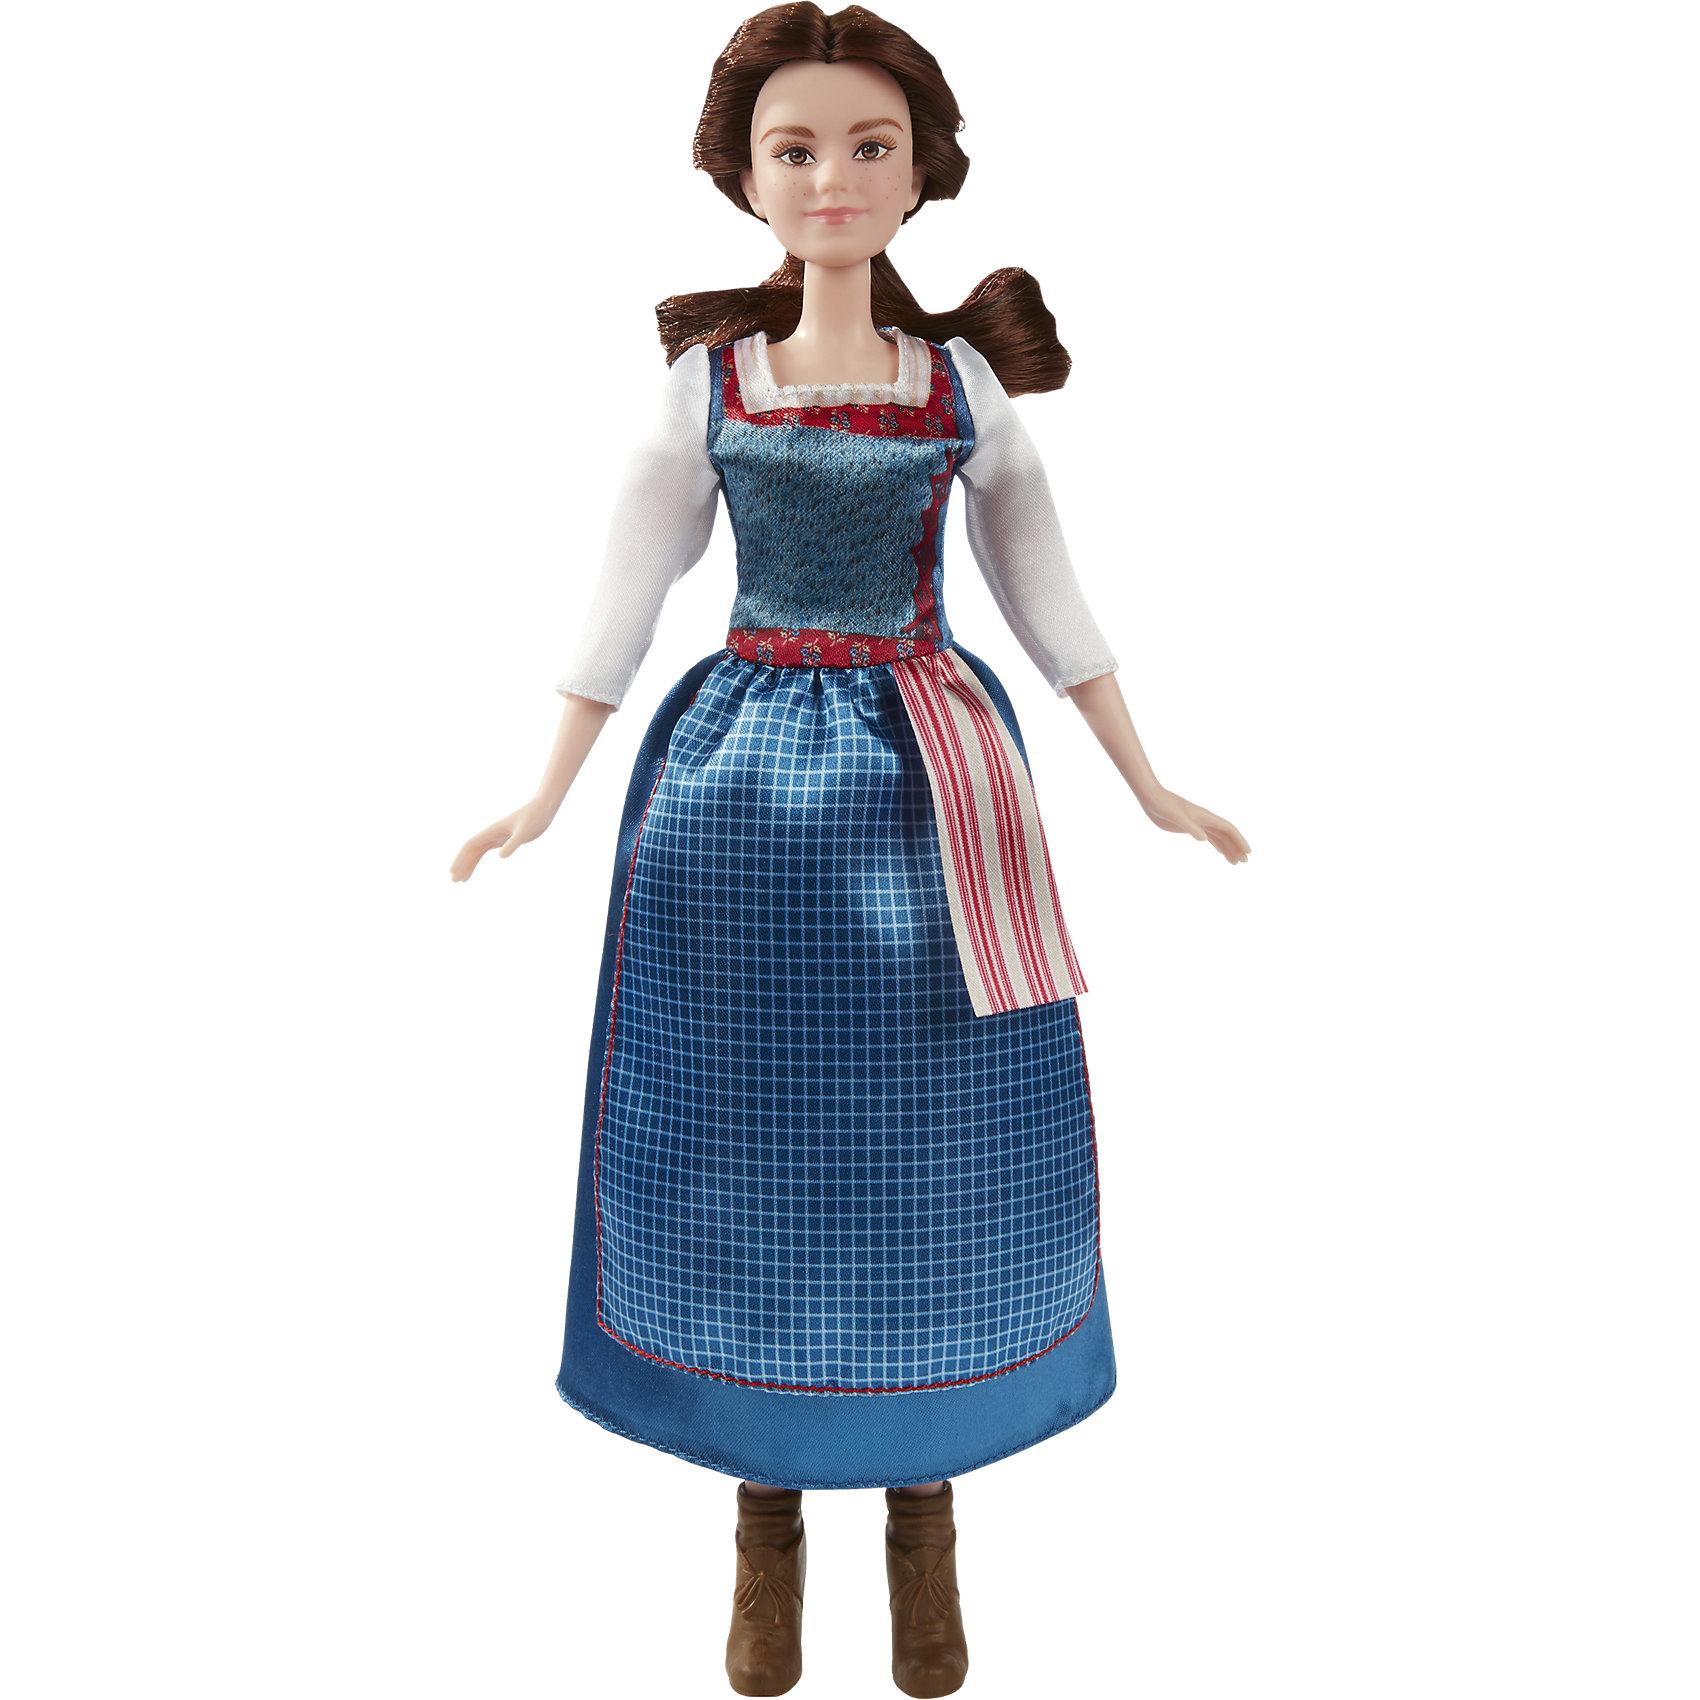 Бэлль в повседневном платье, Принцессы ДиснейПопулярные игрушки<br>Белль живет в книгах, находя себя в фантазиях и приключениях. Ее жизнь внезапно превращается в роман, в котором она жертвует своей свободой ради жизни в замке, затерянном в волшебстве и таинстве. Кукла одета в легендарное синее платье точь-в-точь как в фильме Дисней «Красавица и Чудовище». Комплект включает в себя куклу, платье и пару туфель.<br><br>Ширина мм: 323<br>Глубина мм: 147<br>Высота мм: 65<br>Вес г: 168<br>Возраст от месяцев: 36<br>Возраст до месяцев: 72<br>Пол: Женский<br>Возраст: Детский<br>SKU: 5129134